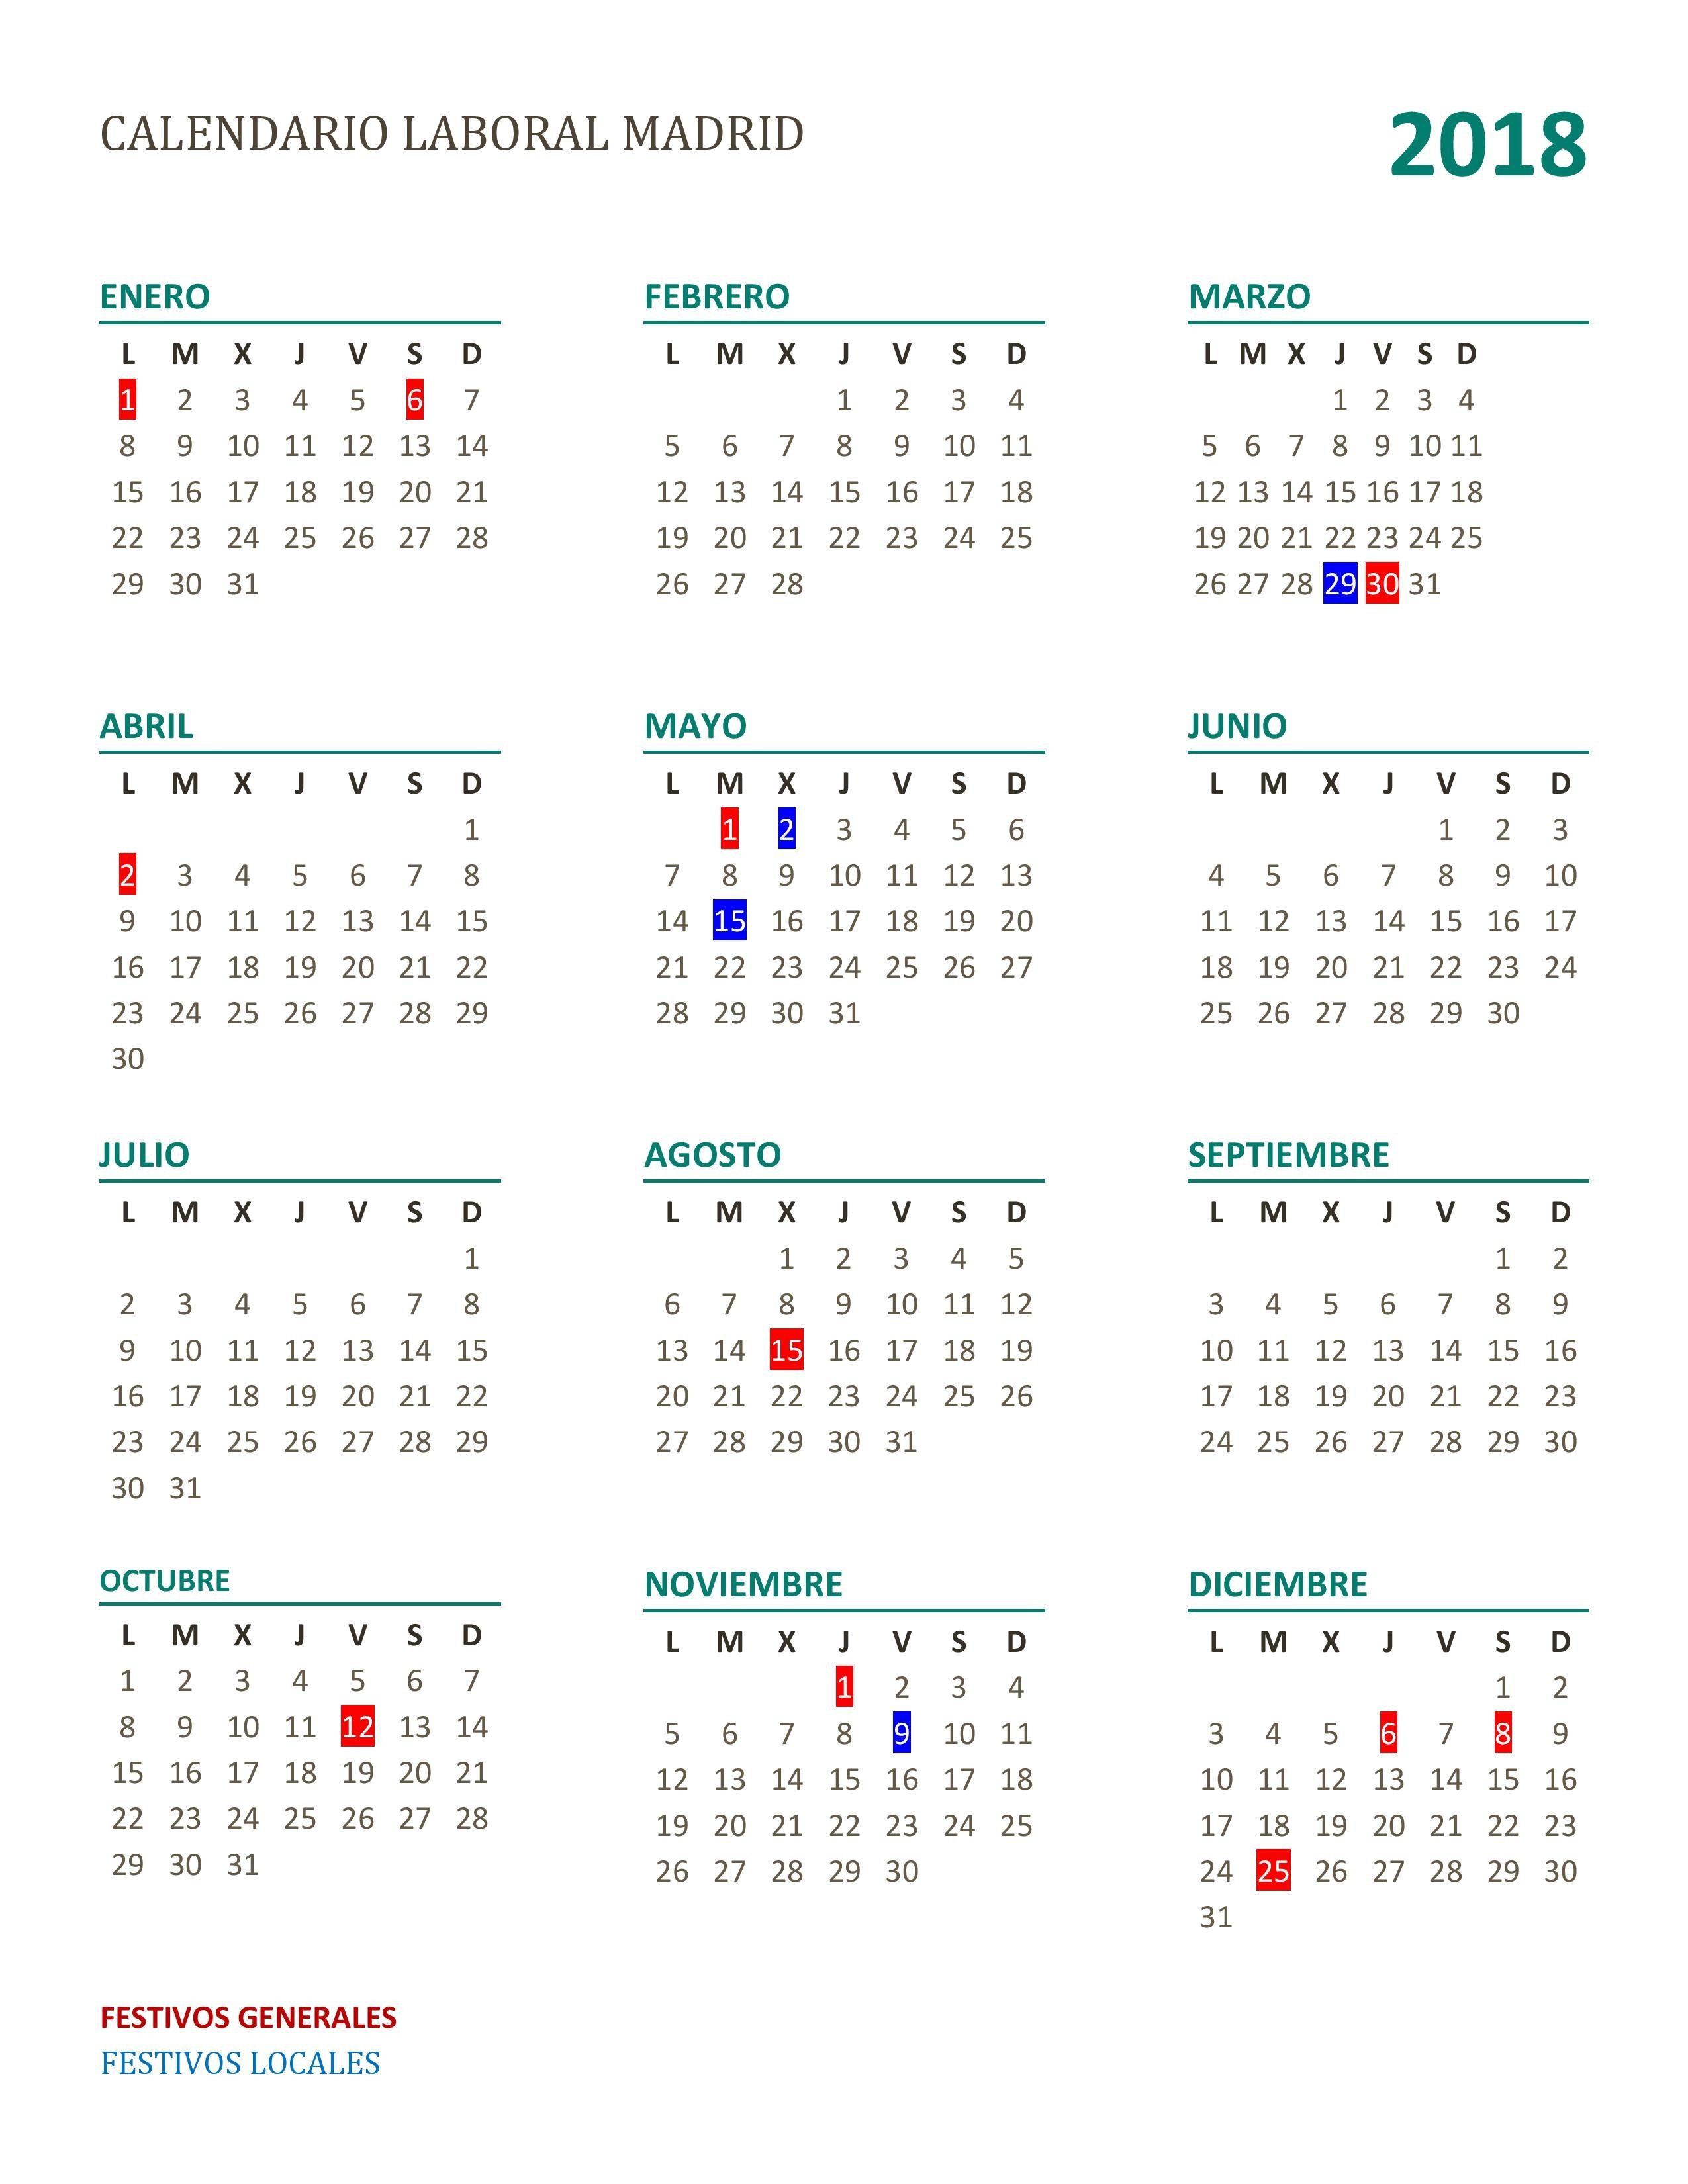 Calendario laboral 2018 de Madrid